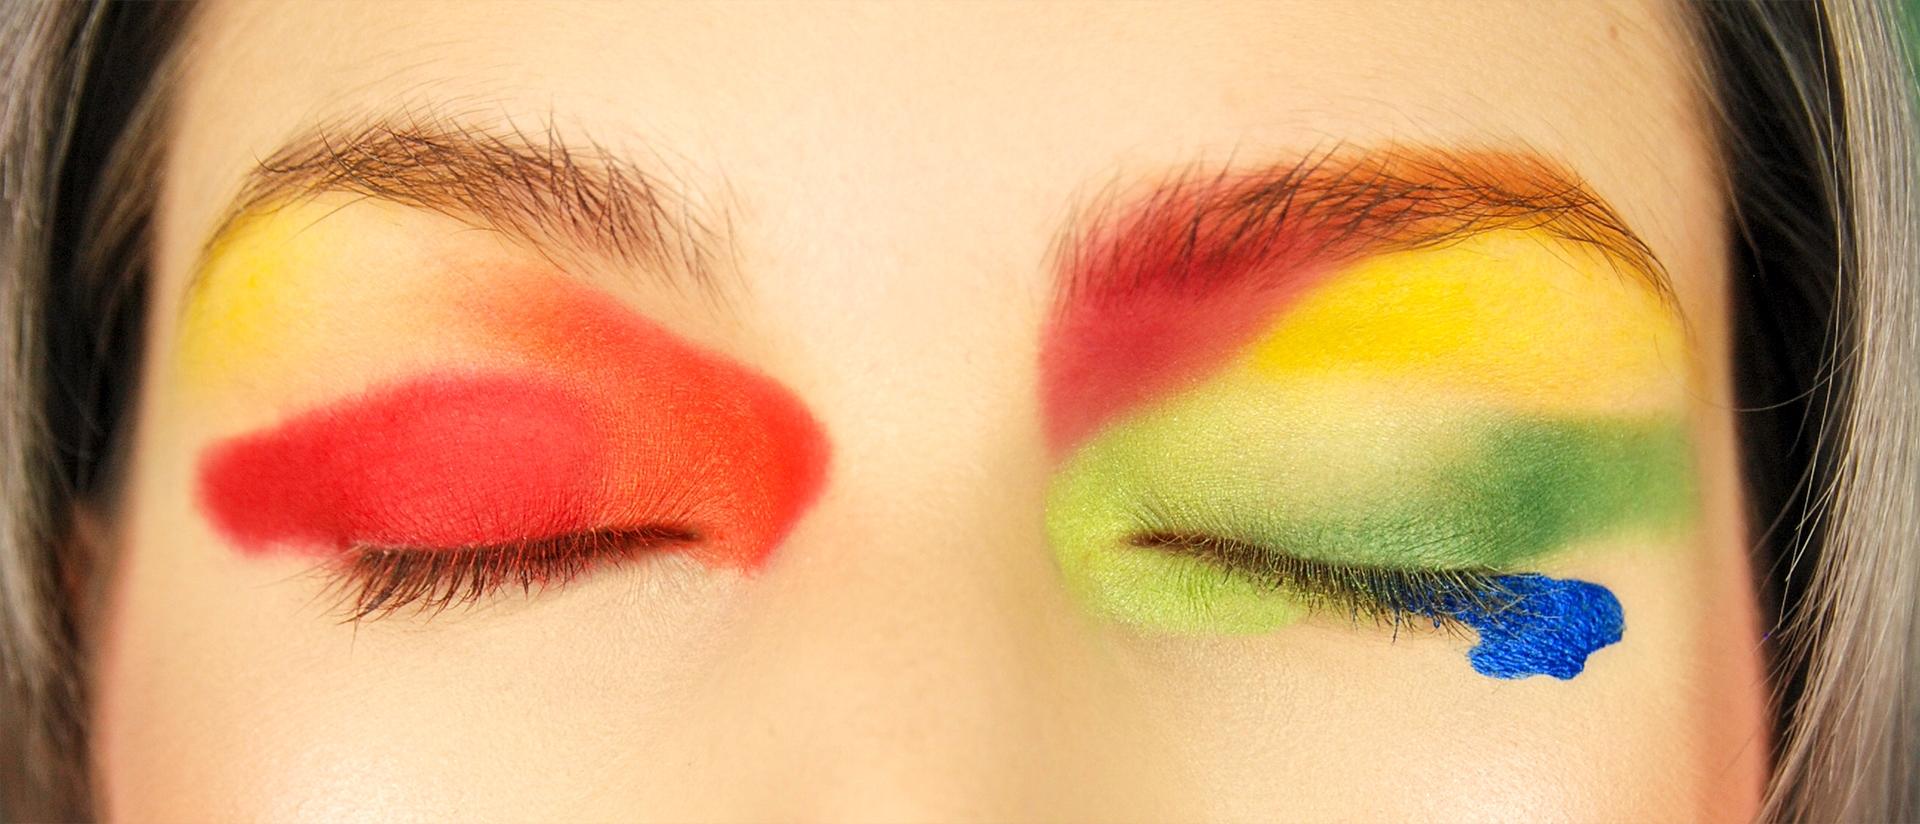 Zdjęcie przedstawia zamknięte oczy w mocnym, kolorowym makijażu.